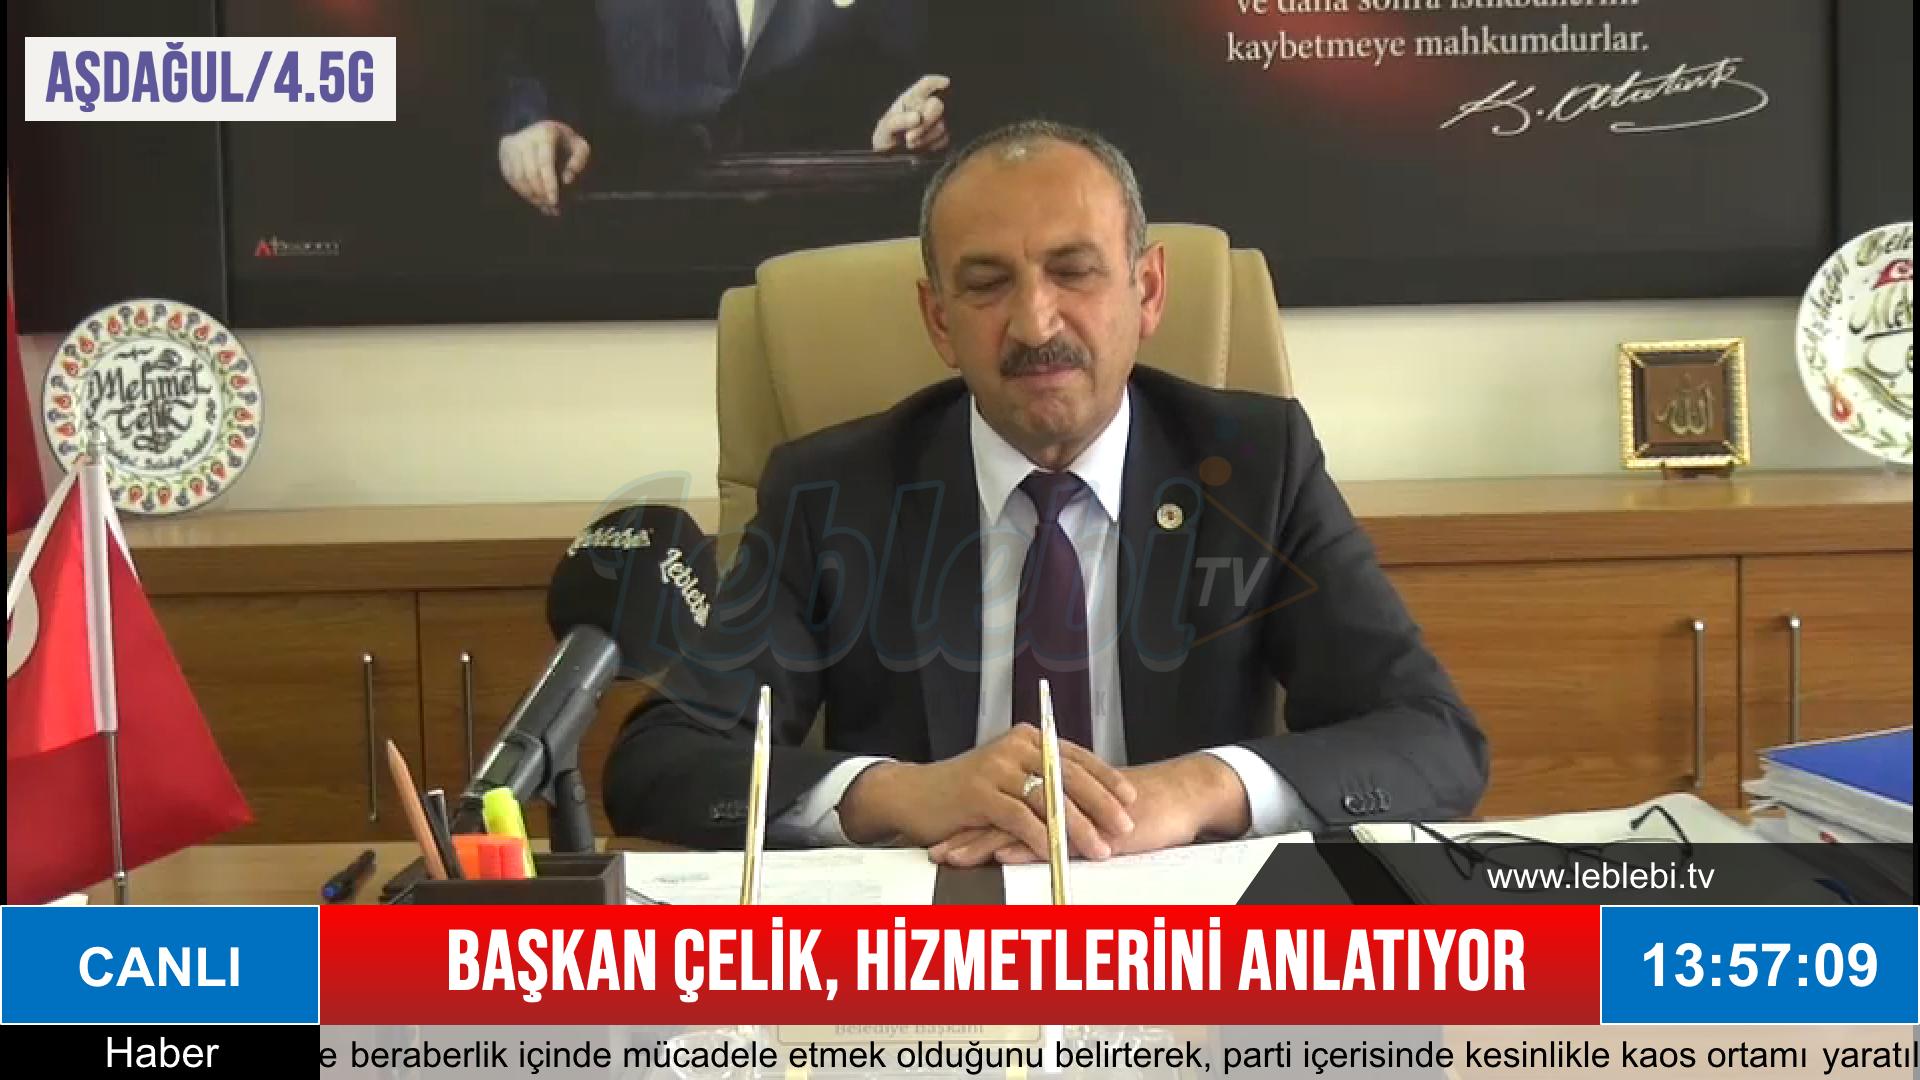 Aşdağul Belediye Başkanı Mehmet Çelik, Hizmetlerini Leblebi Tv'de Değerlendirdi